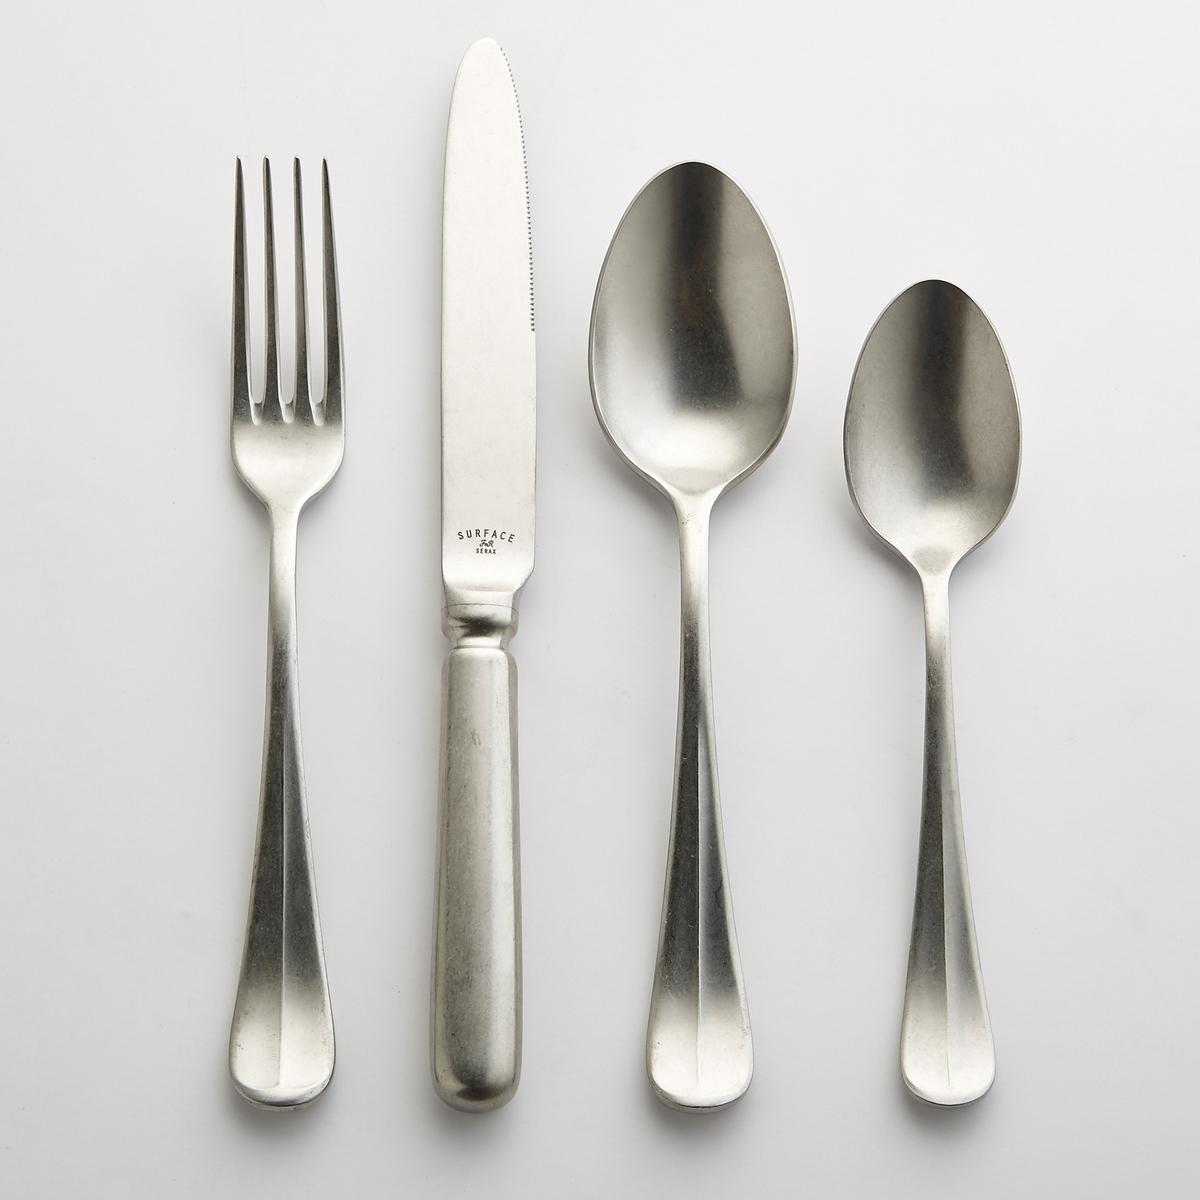 Комплект из 6 ножей из нержавеющей стали Surface от Serax